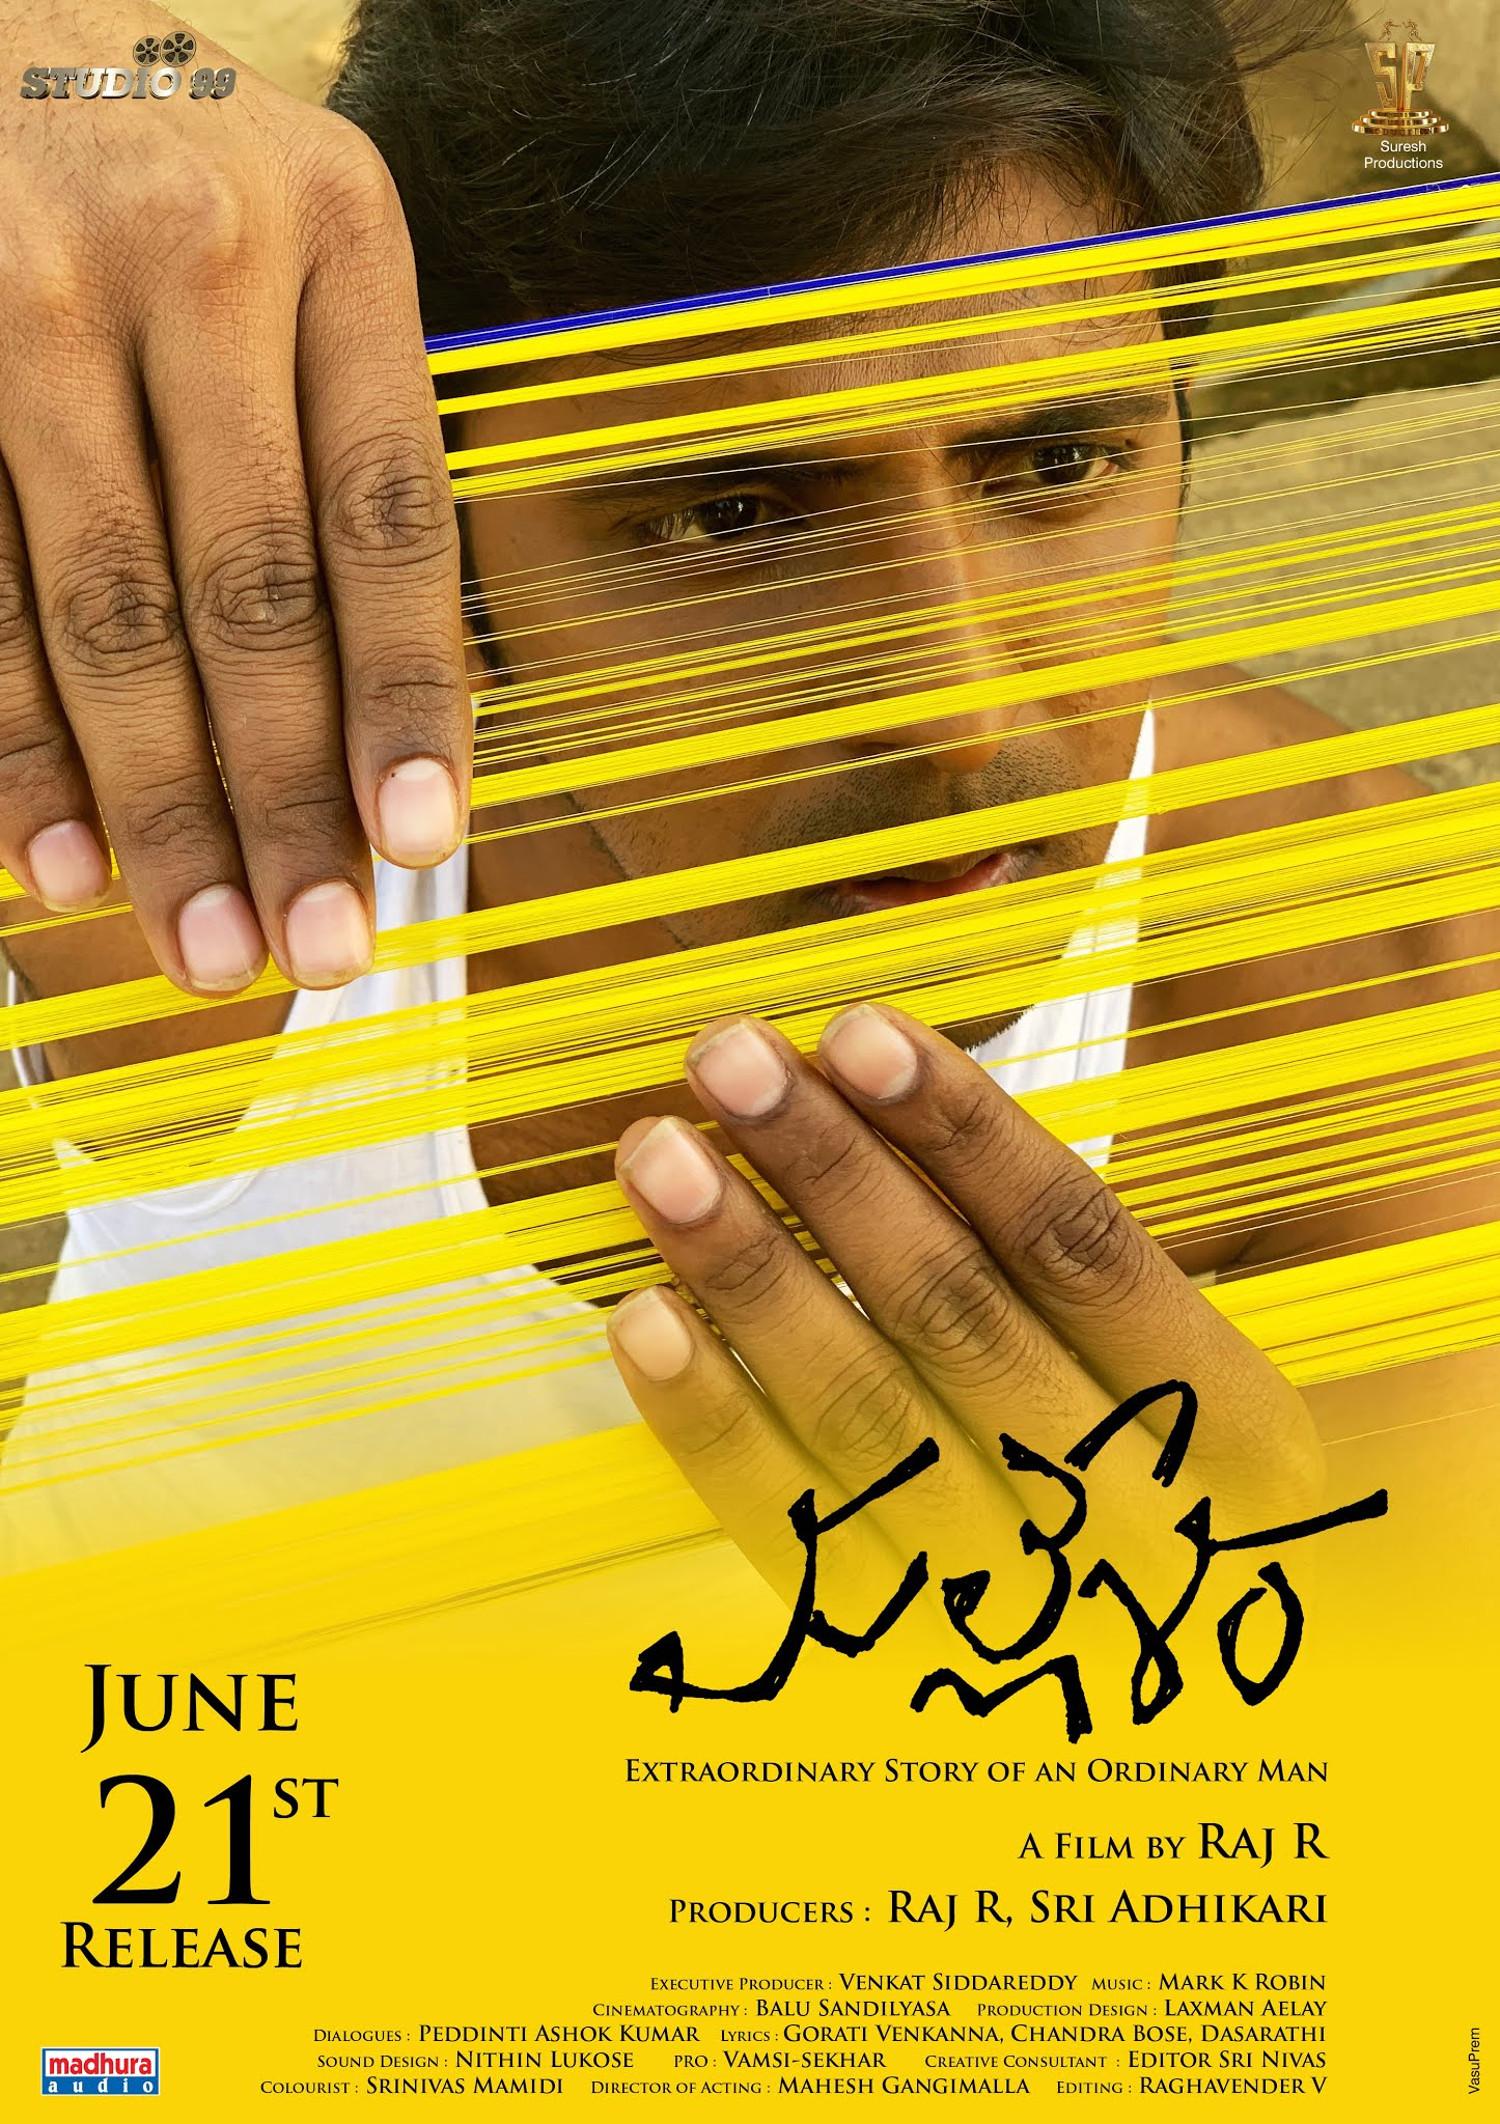 Priyadarshi Mallesham Movie Release on June 21st